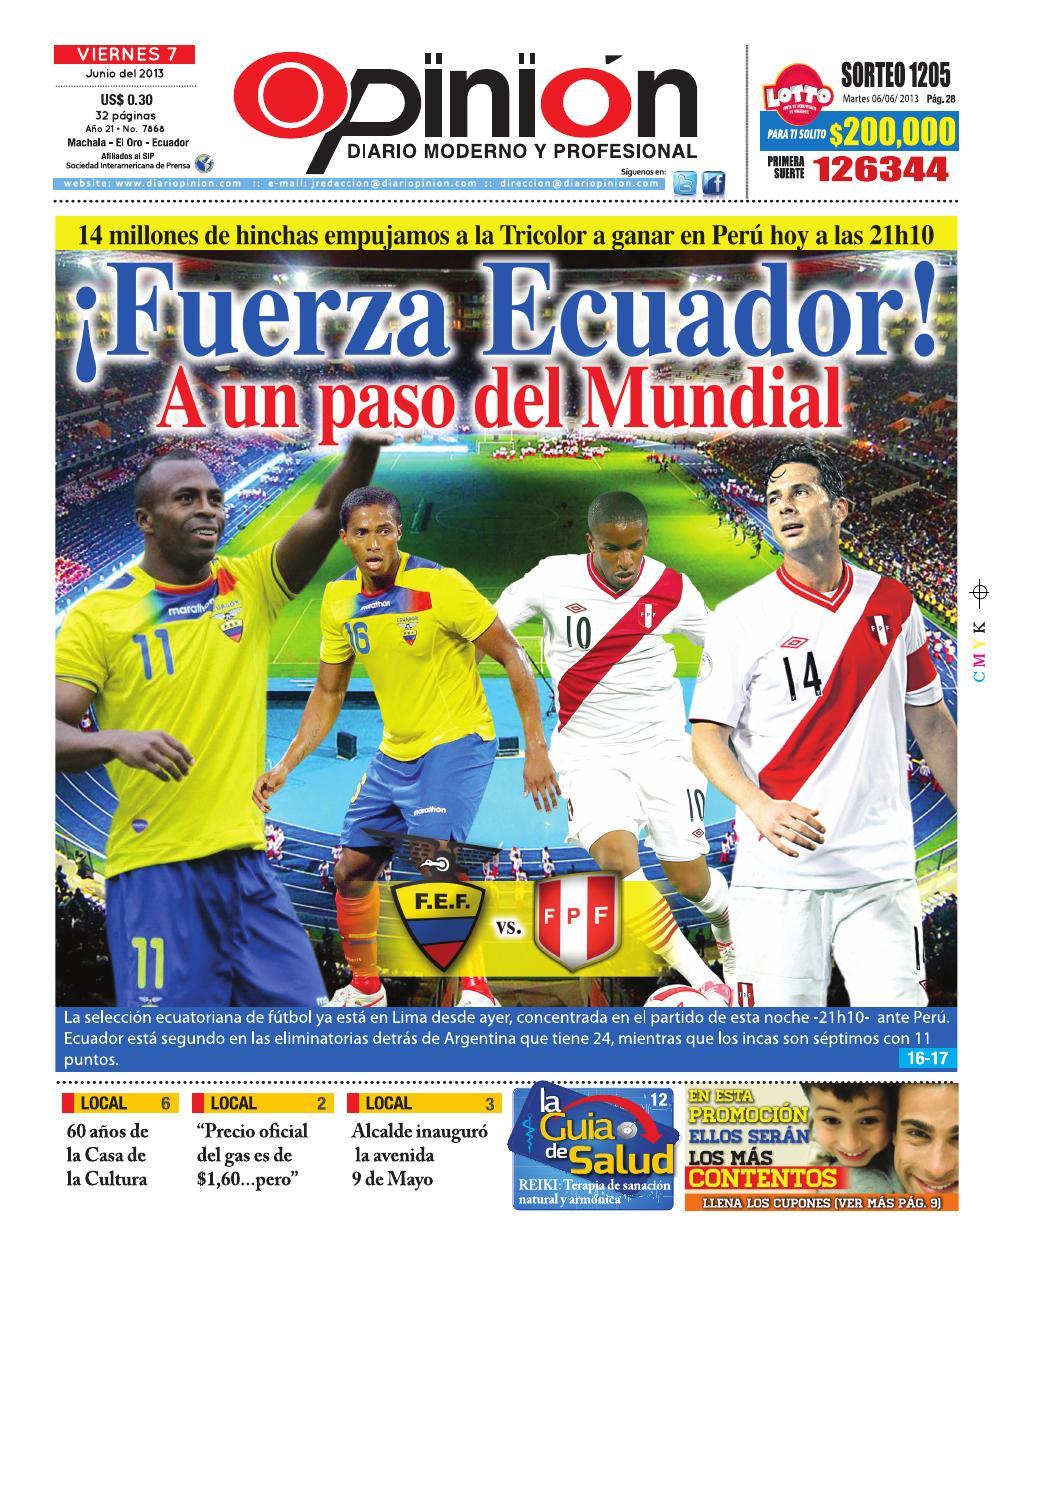 Impreso 07 06 13 by Diario Opinion - issuu 90cdf46134a7e